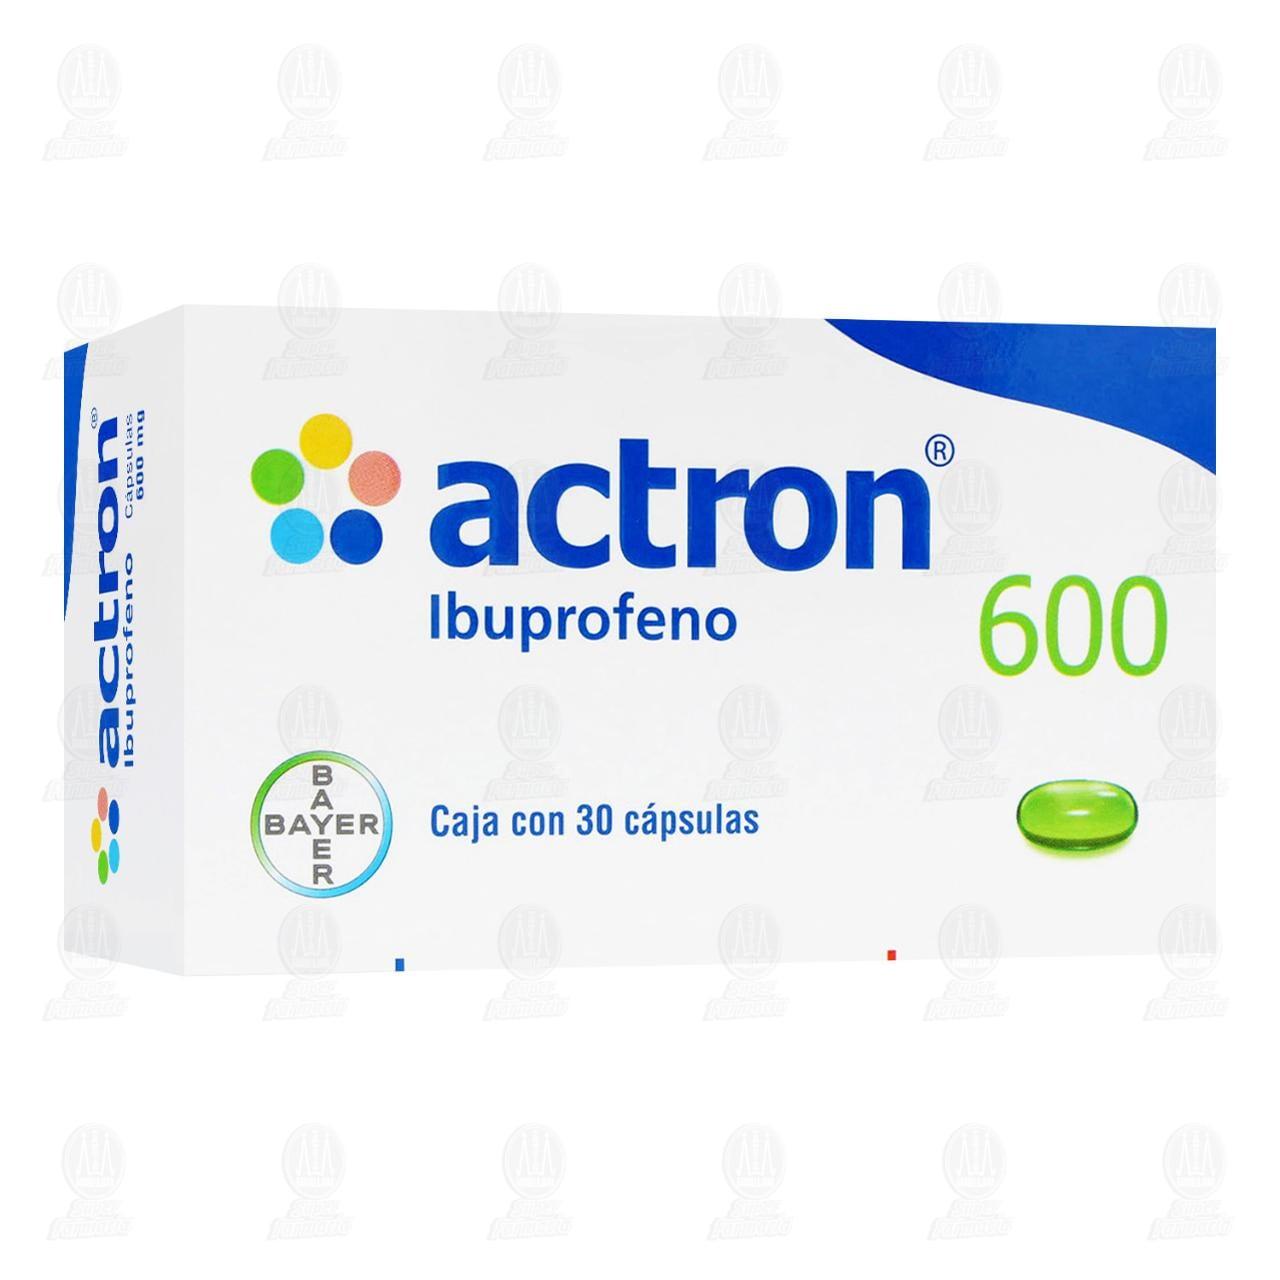 comprar https://www.movil.farmaciasguadalajara.com/wcsstore/FGCAS/wcs/products/991309_A_1280_AL.jpg en farmacias guadalajara